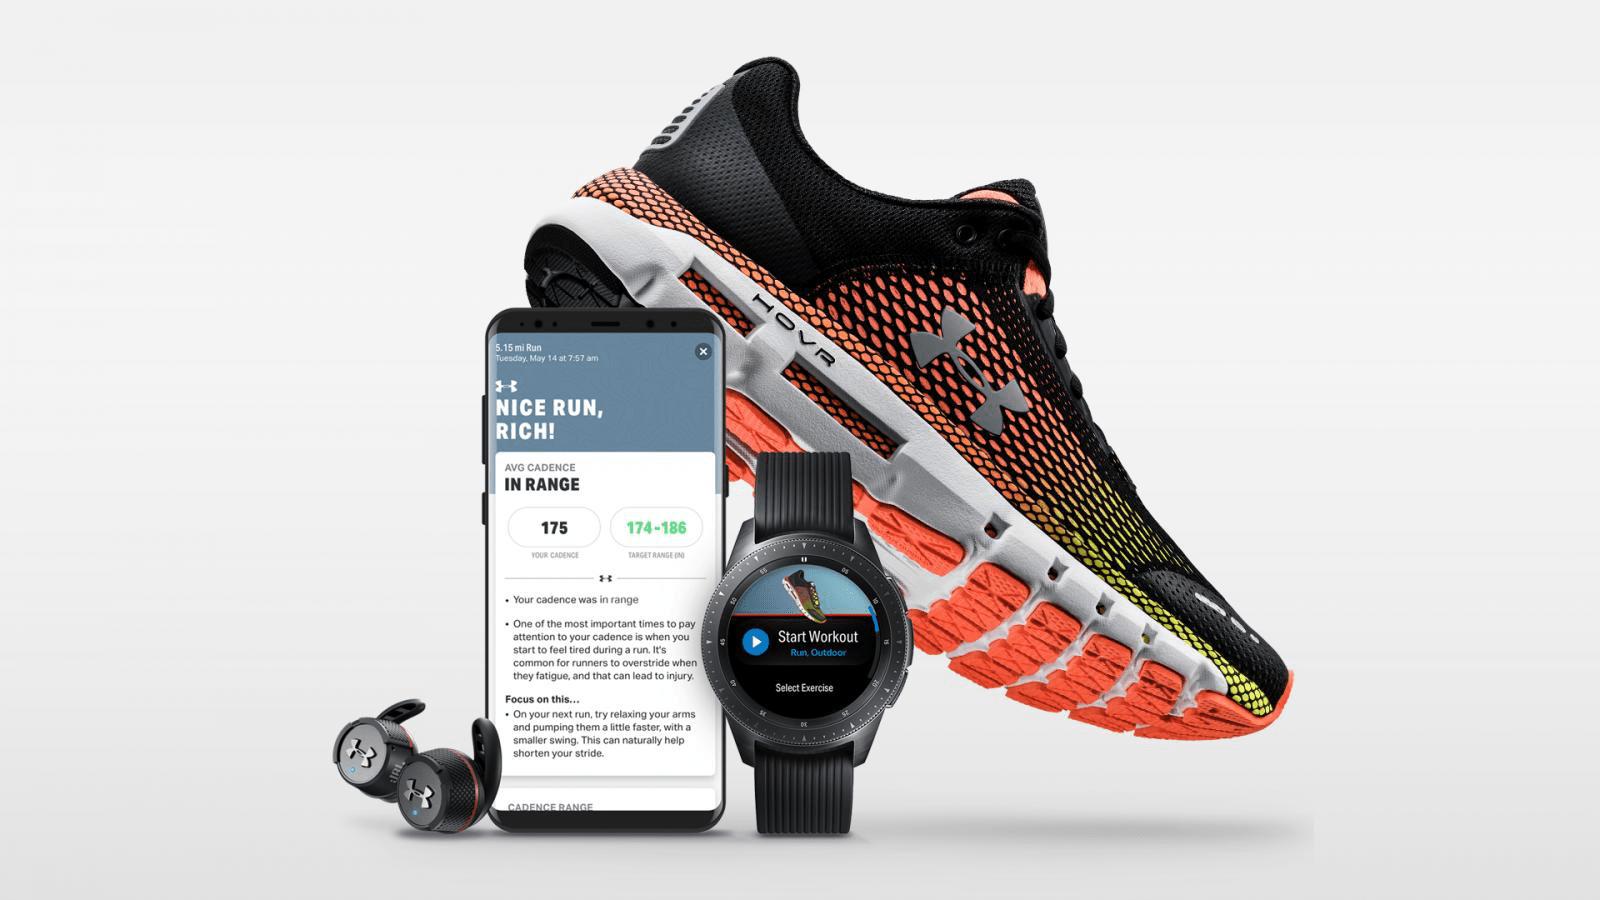 Trải nghiệm chạy bộ kết hợp công nghệ theo cách mới.